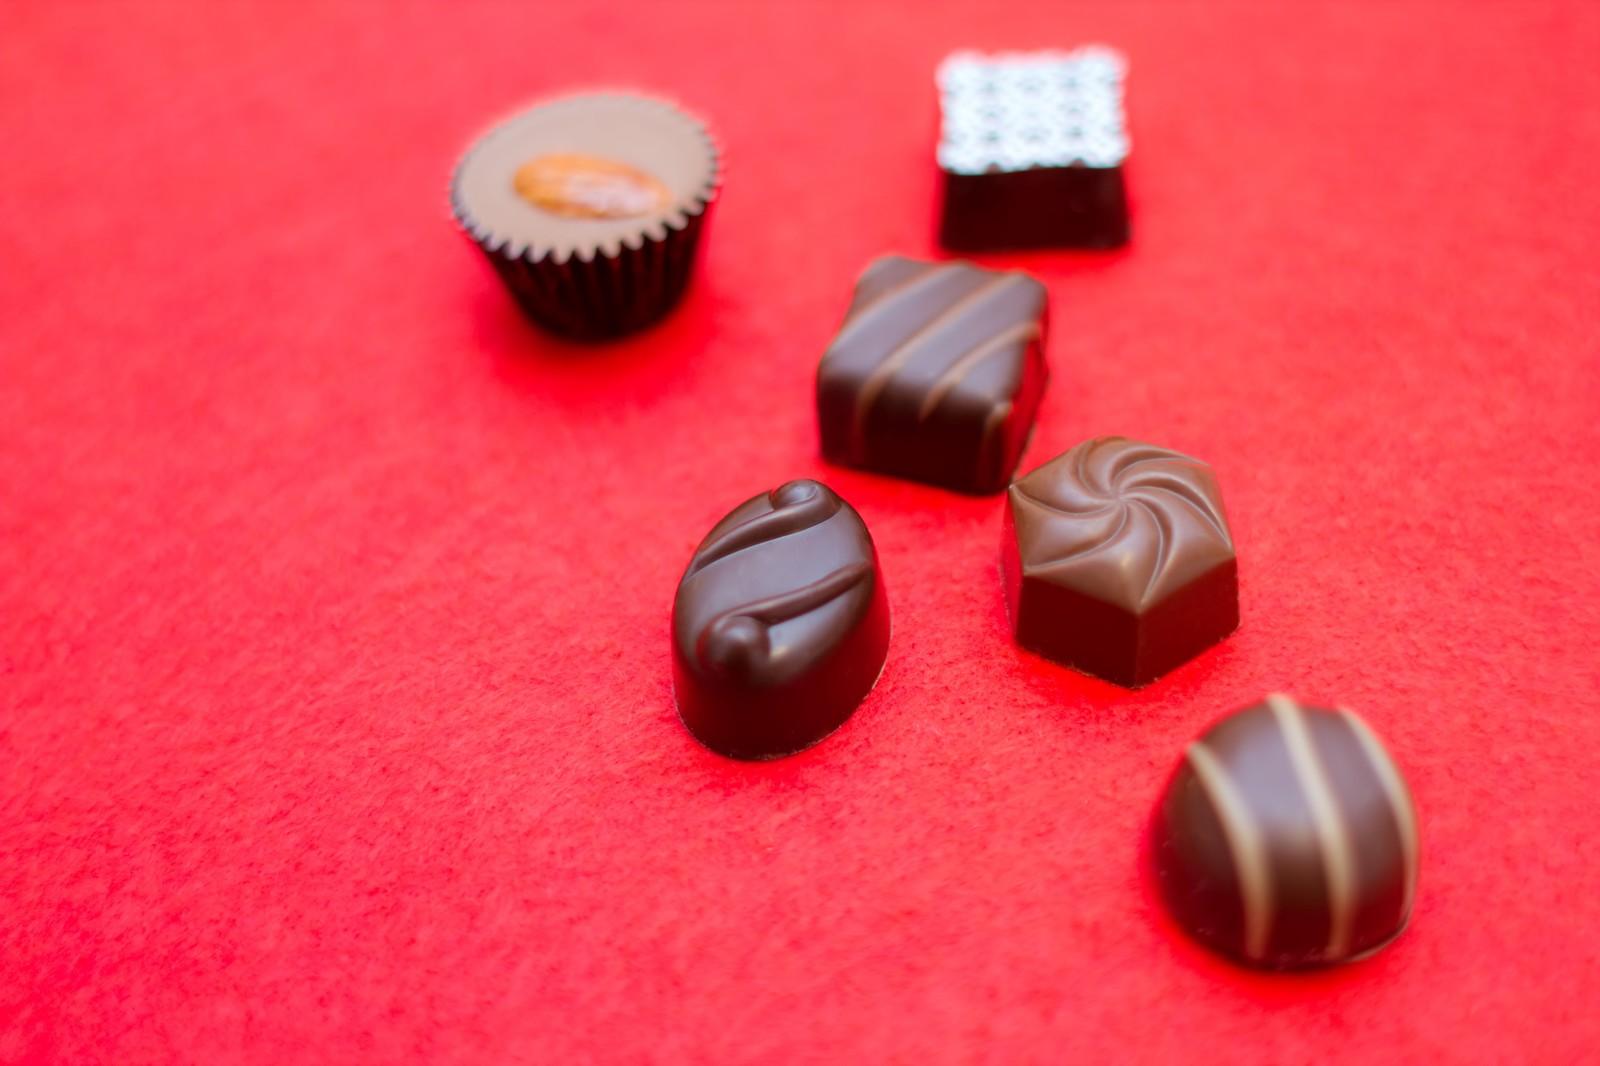 バレンタインに義理父にチョコやプレゼントをあげる?チョコ以外のおすすめや予算を紹介